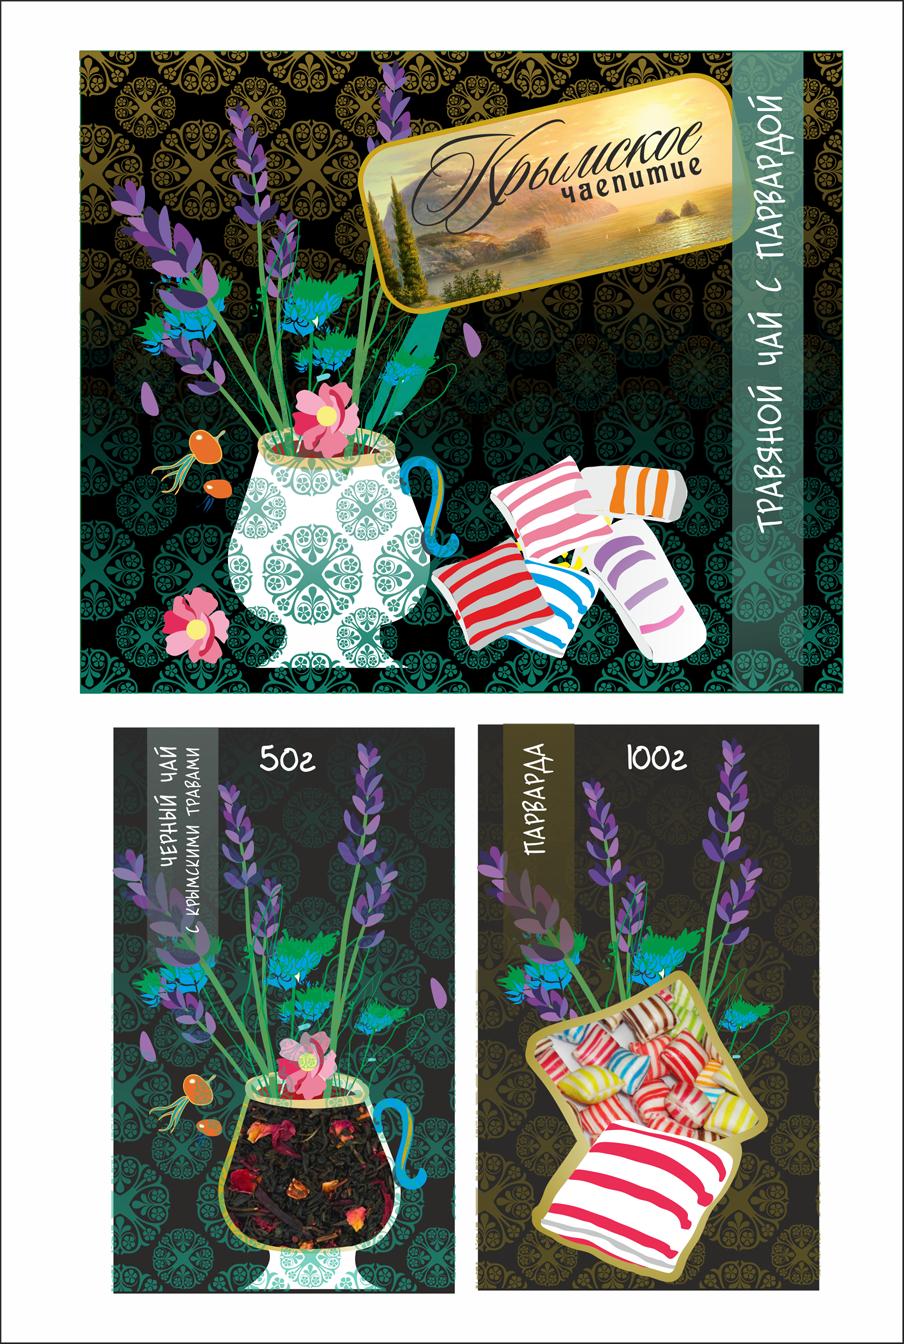 Дизайн коробки сувенирной  чай+парварда (подарочный набор) фото f_9025a58bded6c5a8.png